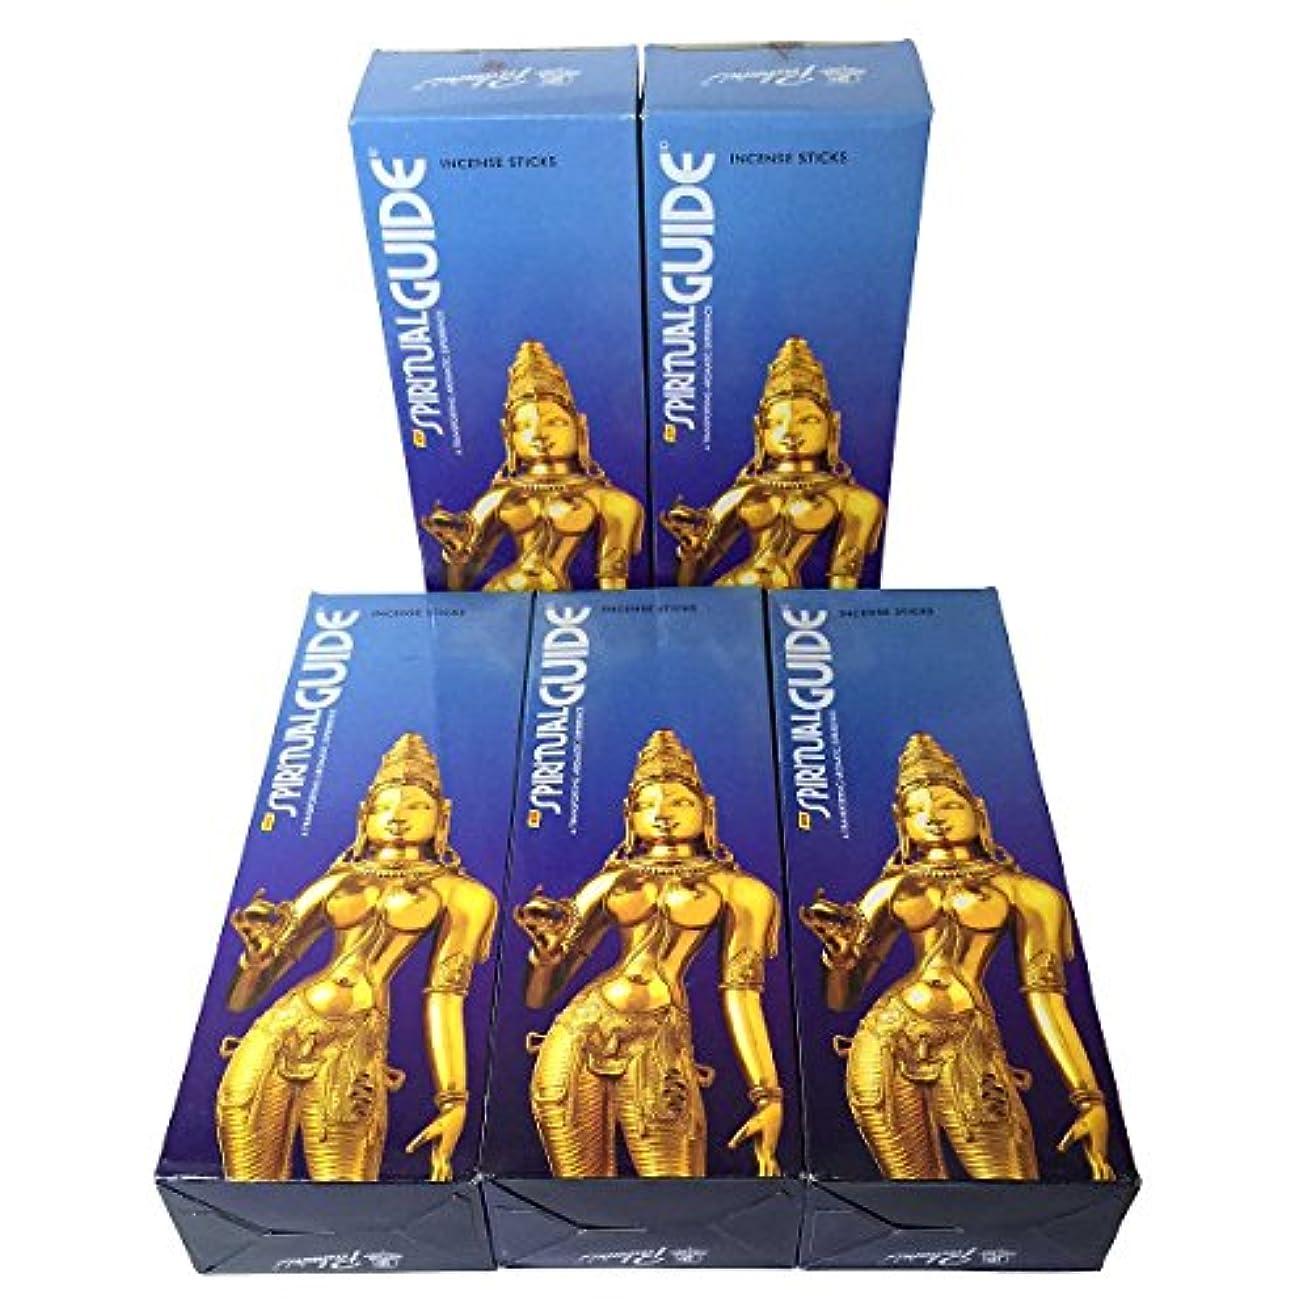 溢れんばかりの施しのホストスピリチュアルガイド香スティック 5BOX(30箱)/PADMINI SPIRITUALGUIDE インド香 / 送料無料 [並行輸入品]